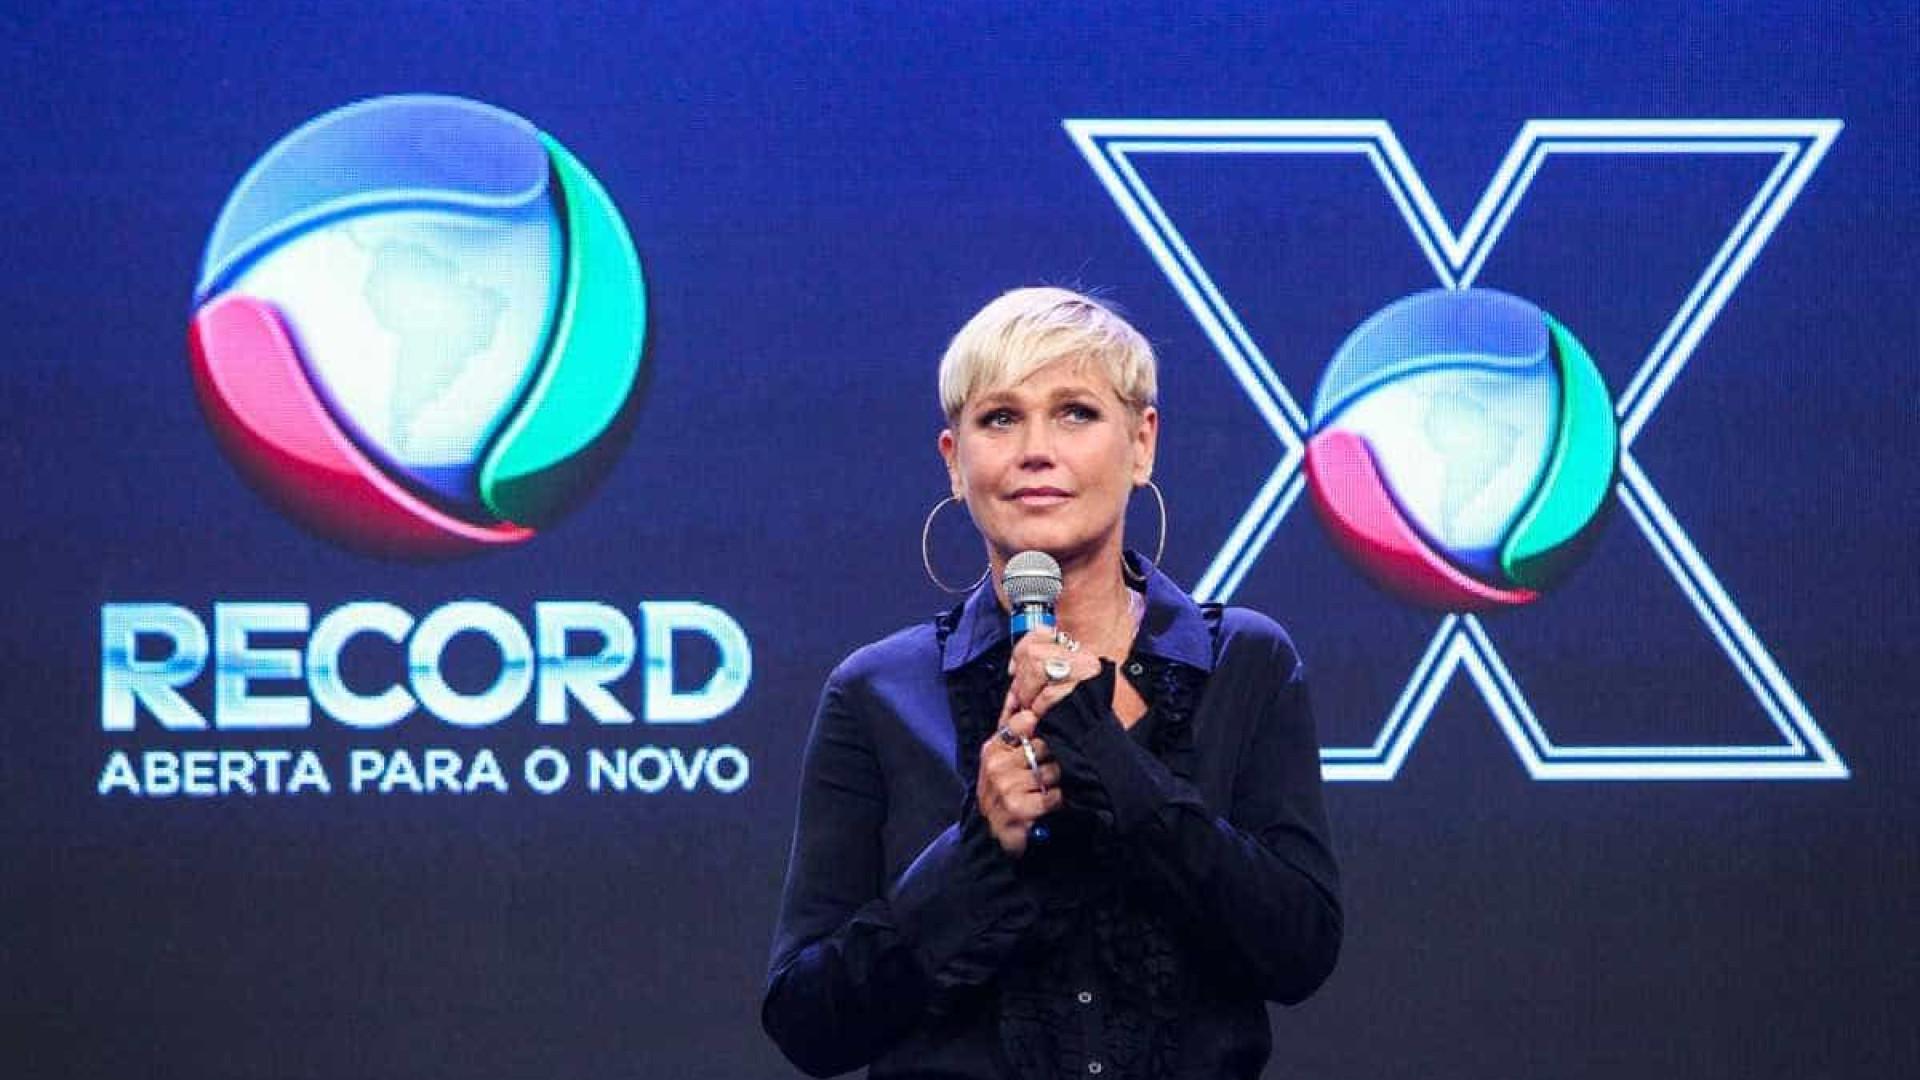 Xuxa promete banir fãs que falarem  mal do seu programa